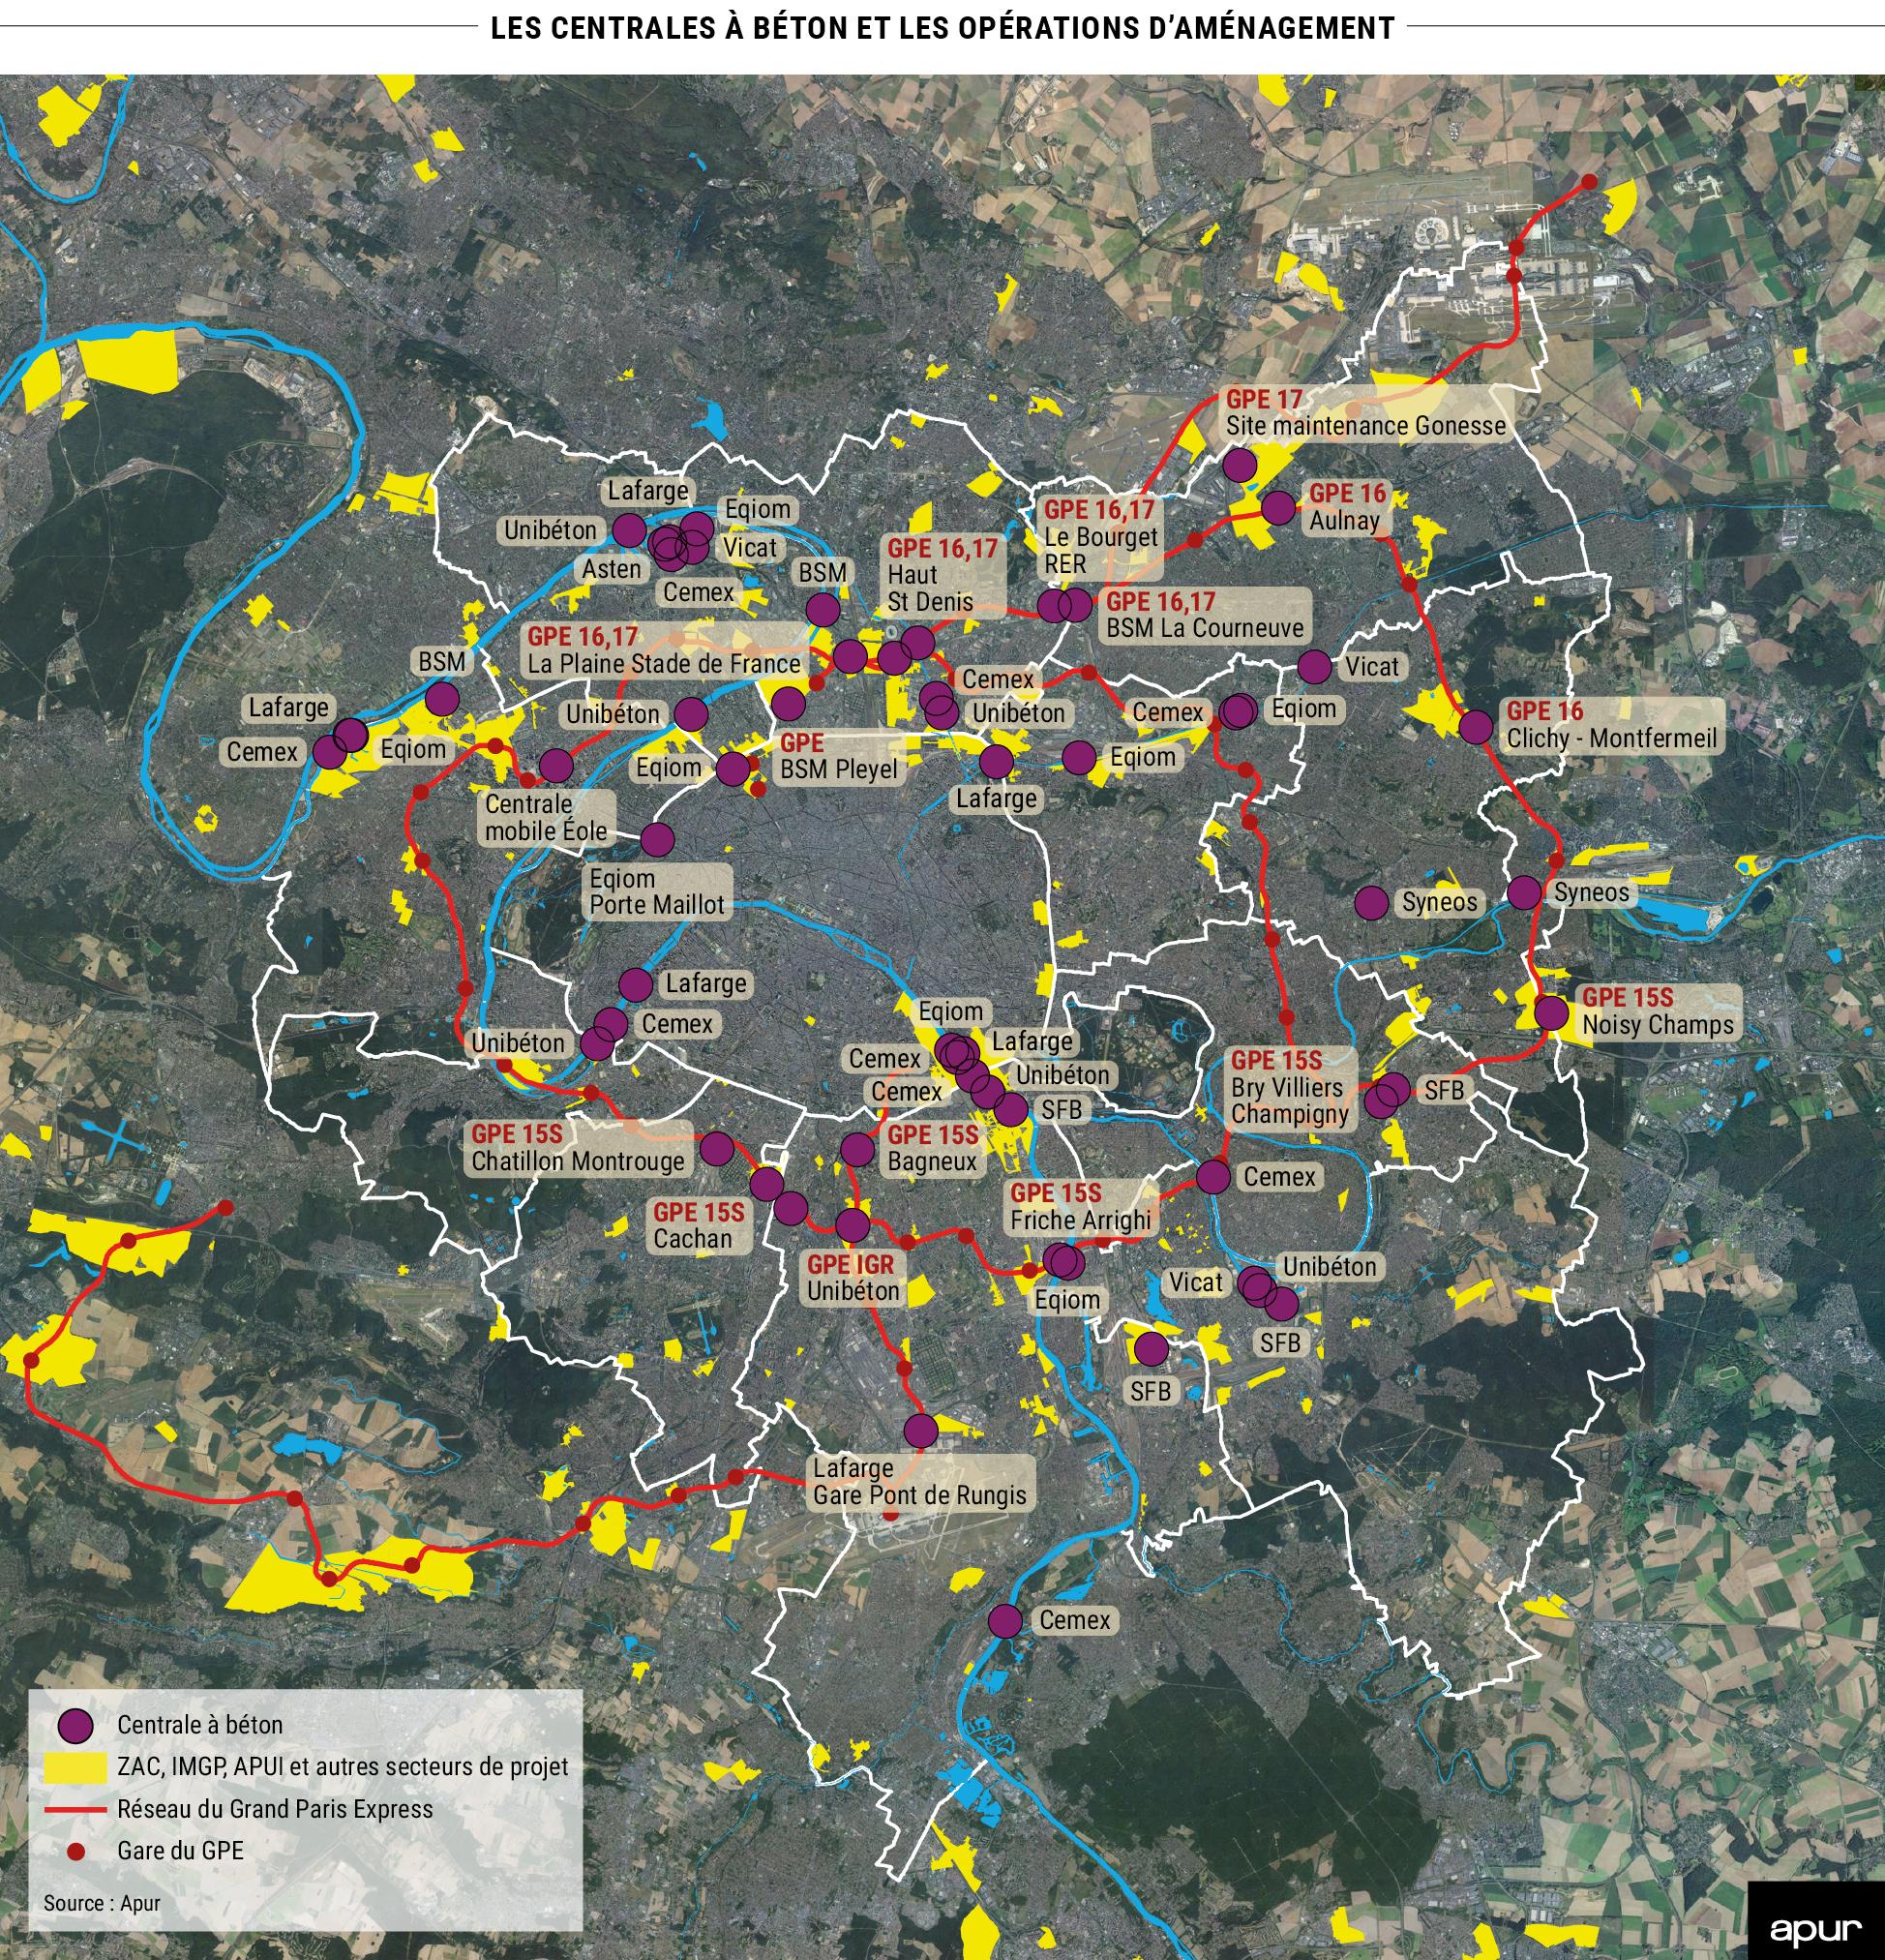 les centrales à béton et les opérations d'aménagement © Apur